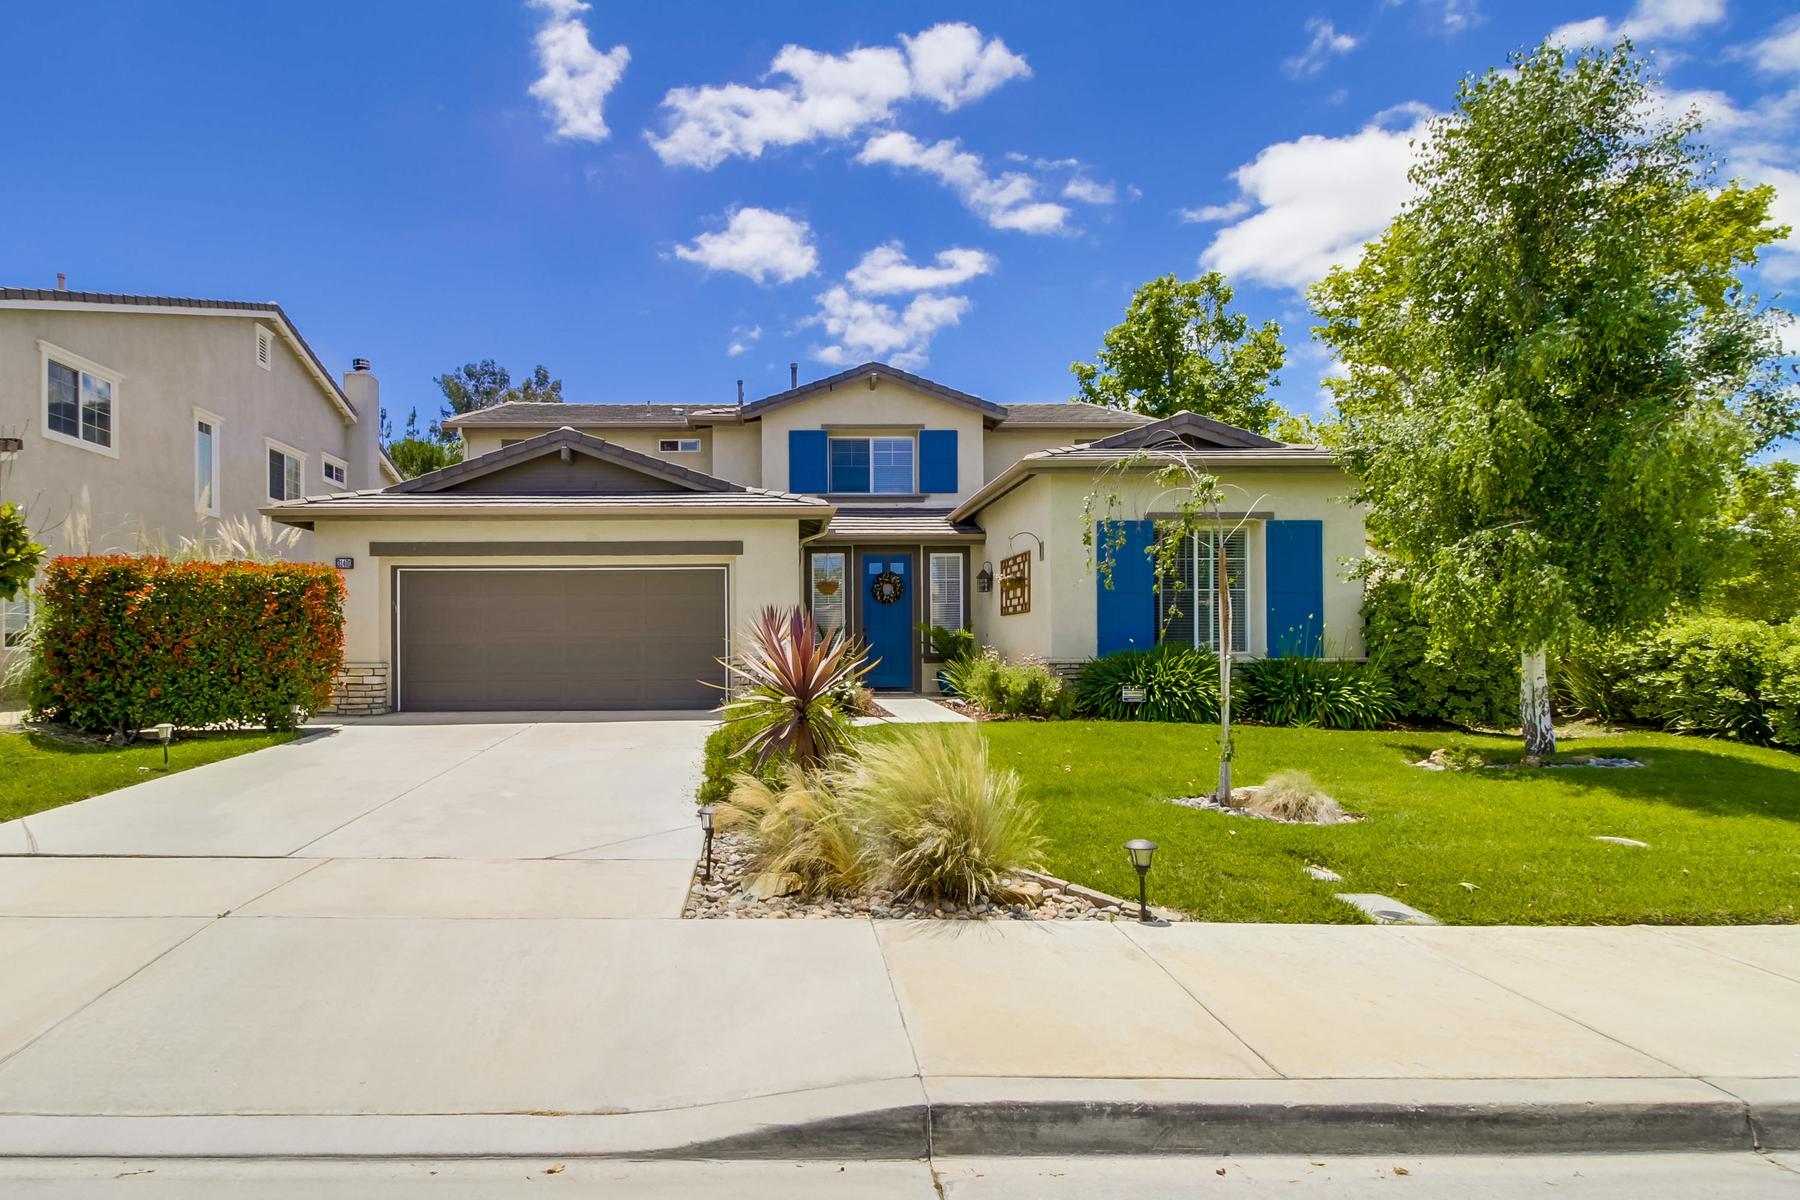 独户住宅 为 销售 在 31401 Chemin Chevalier 特曼库拉, 加利福尼亚州, 92591 美国